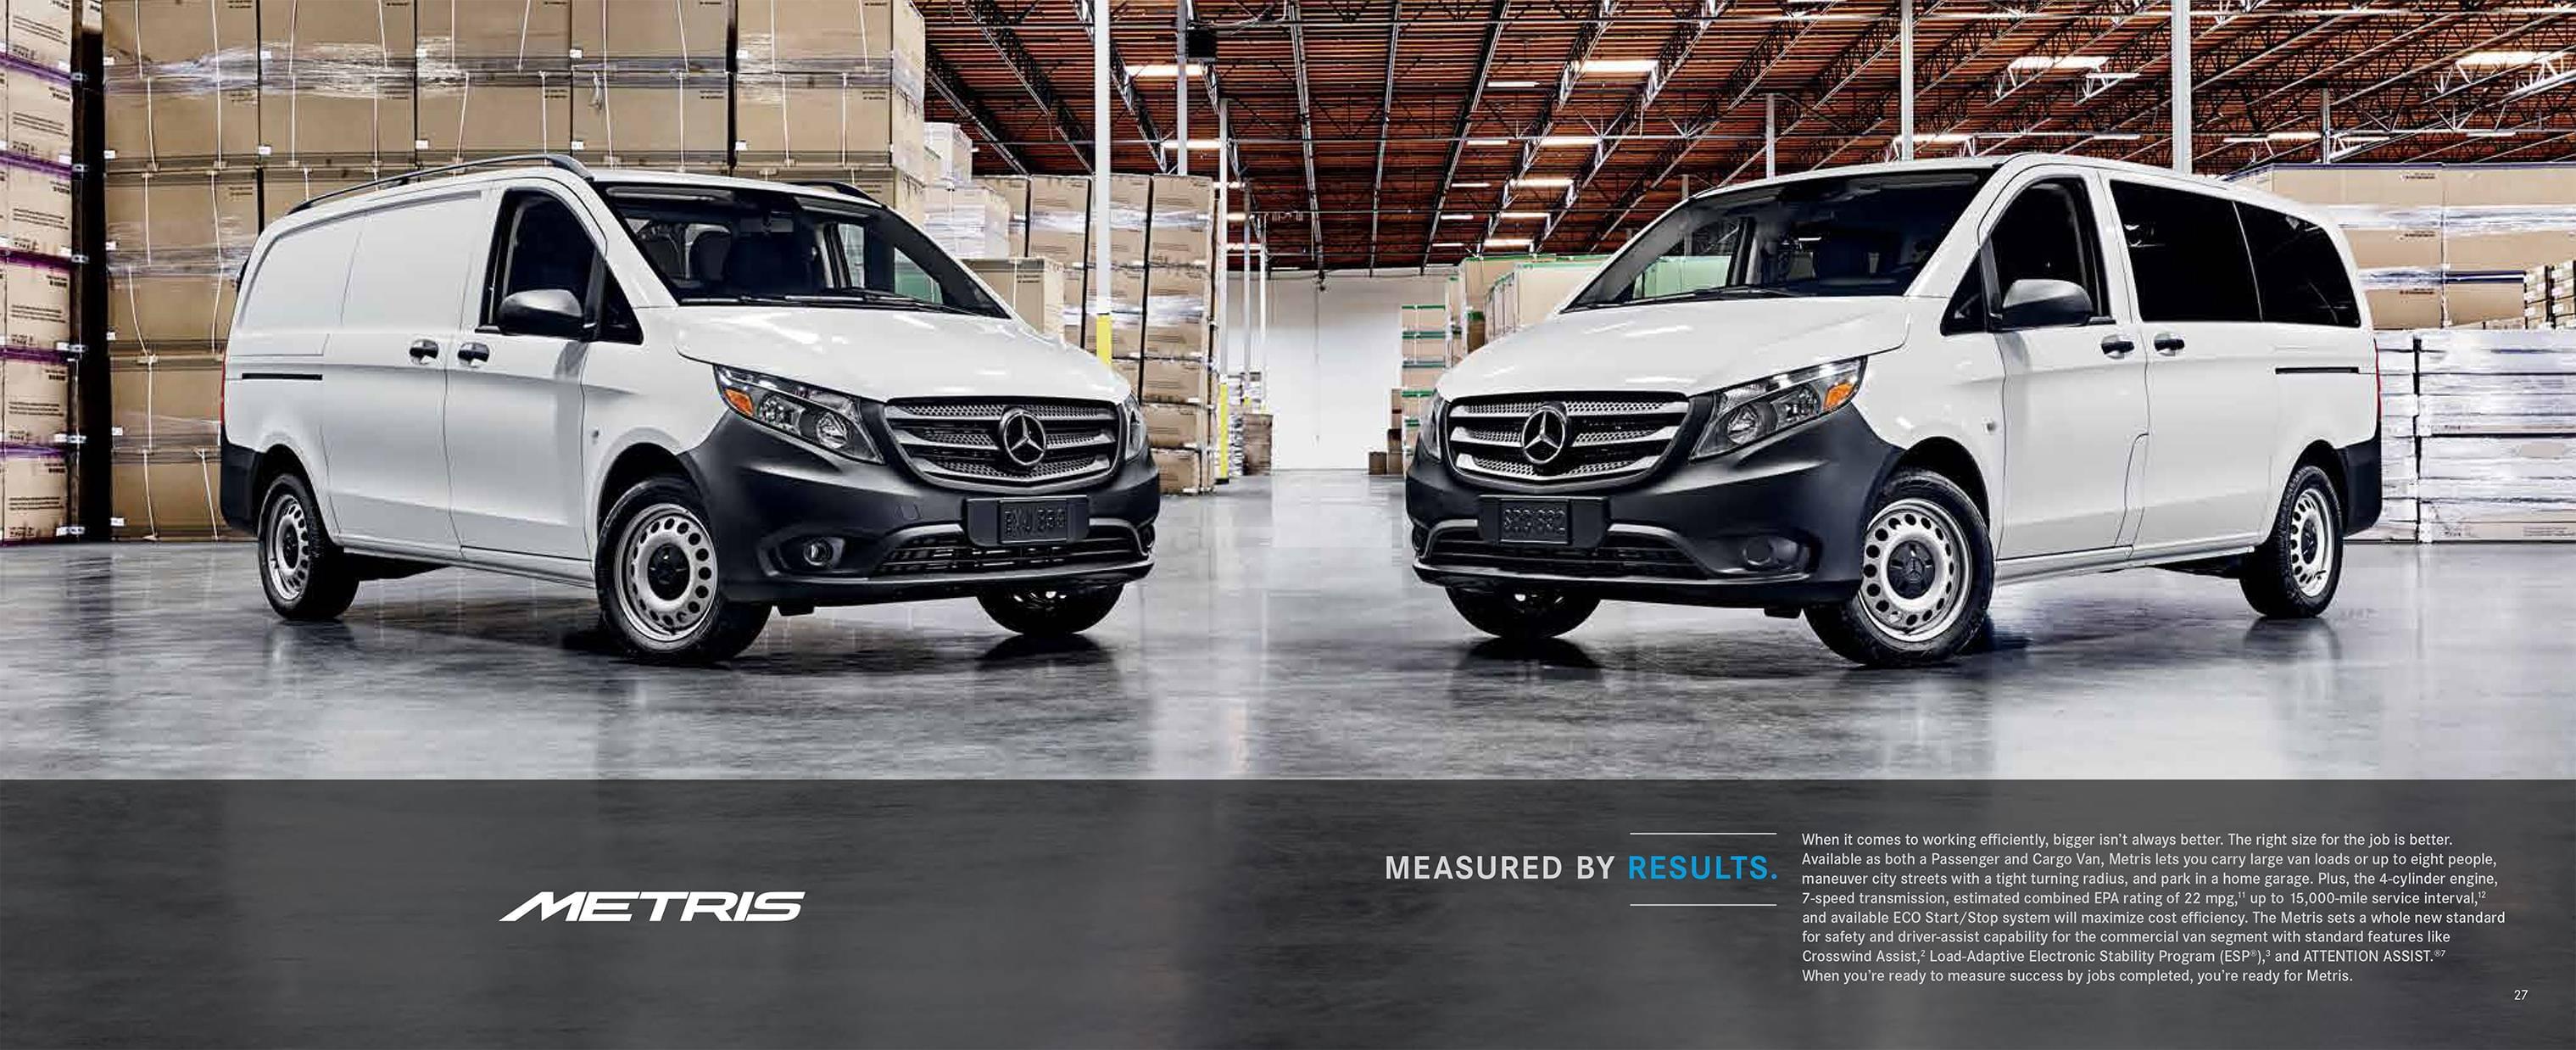 Mercedes Benz Vans Metris